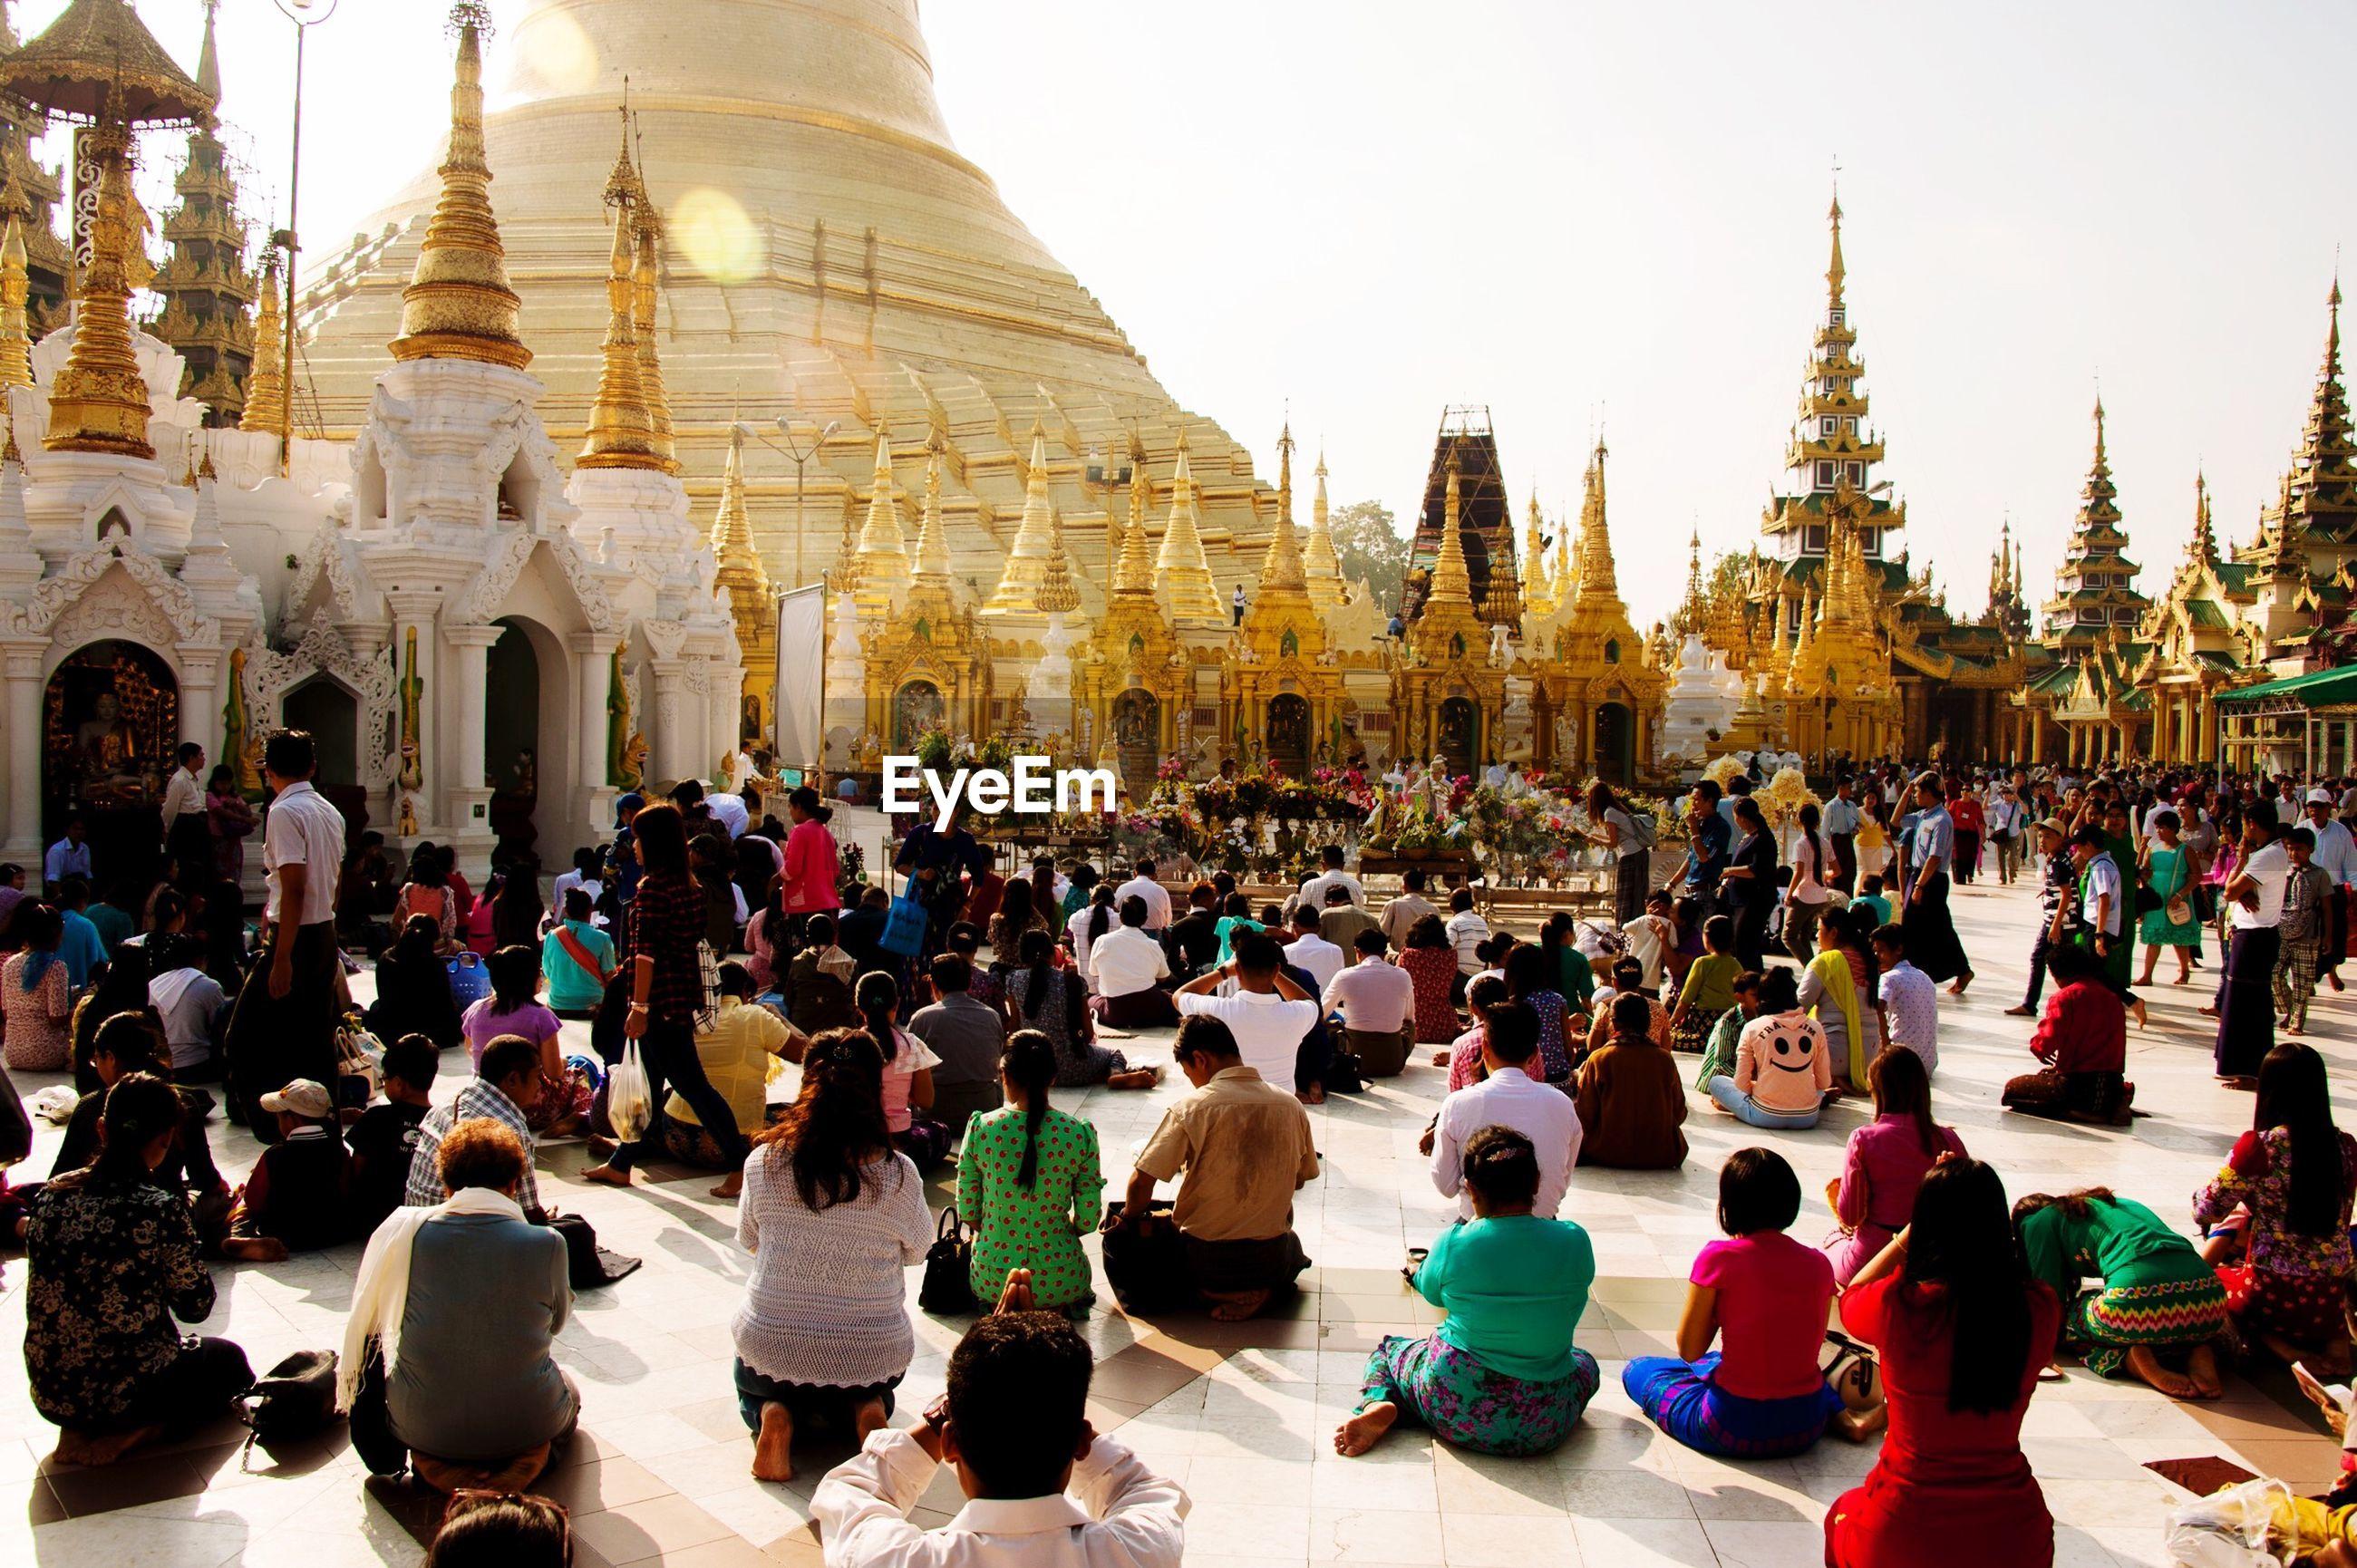 Schwedagon pagoda - yangon - myanmar